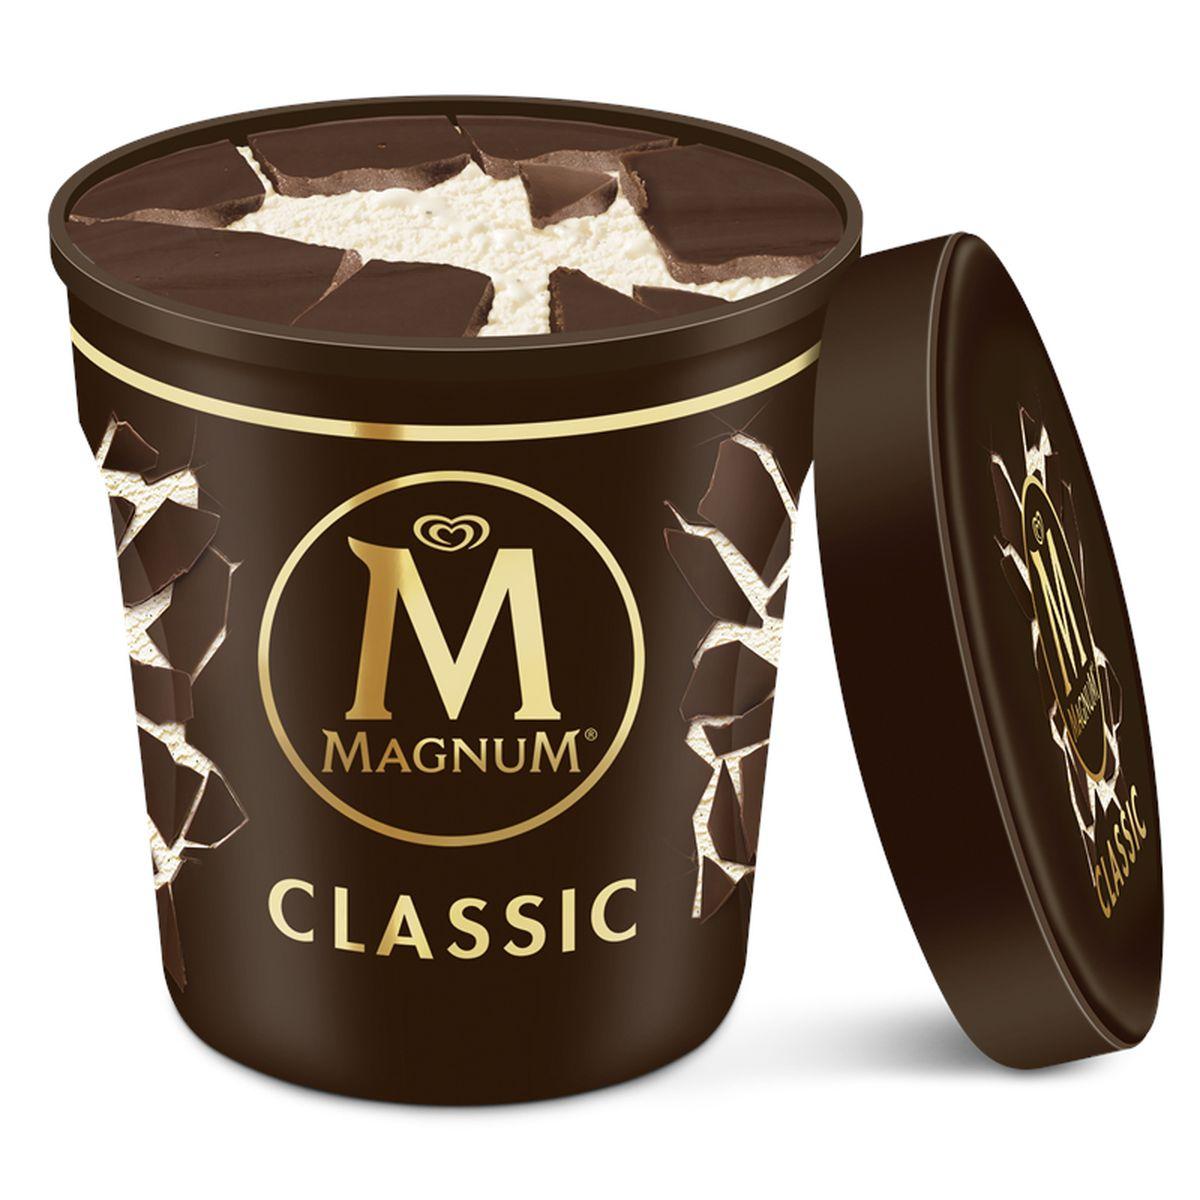 """Résultat de recherche d'images pour """"pot magnum classic"""""""